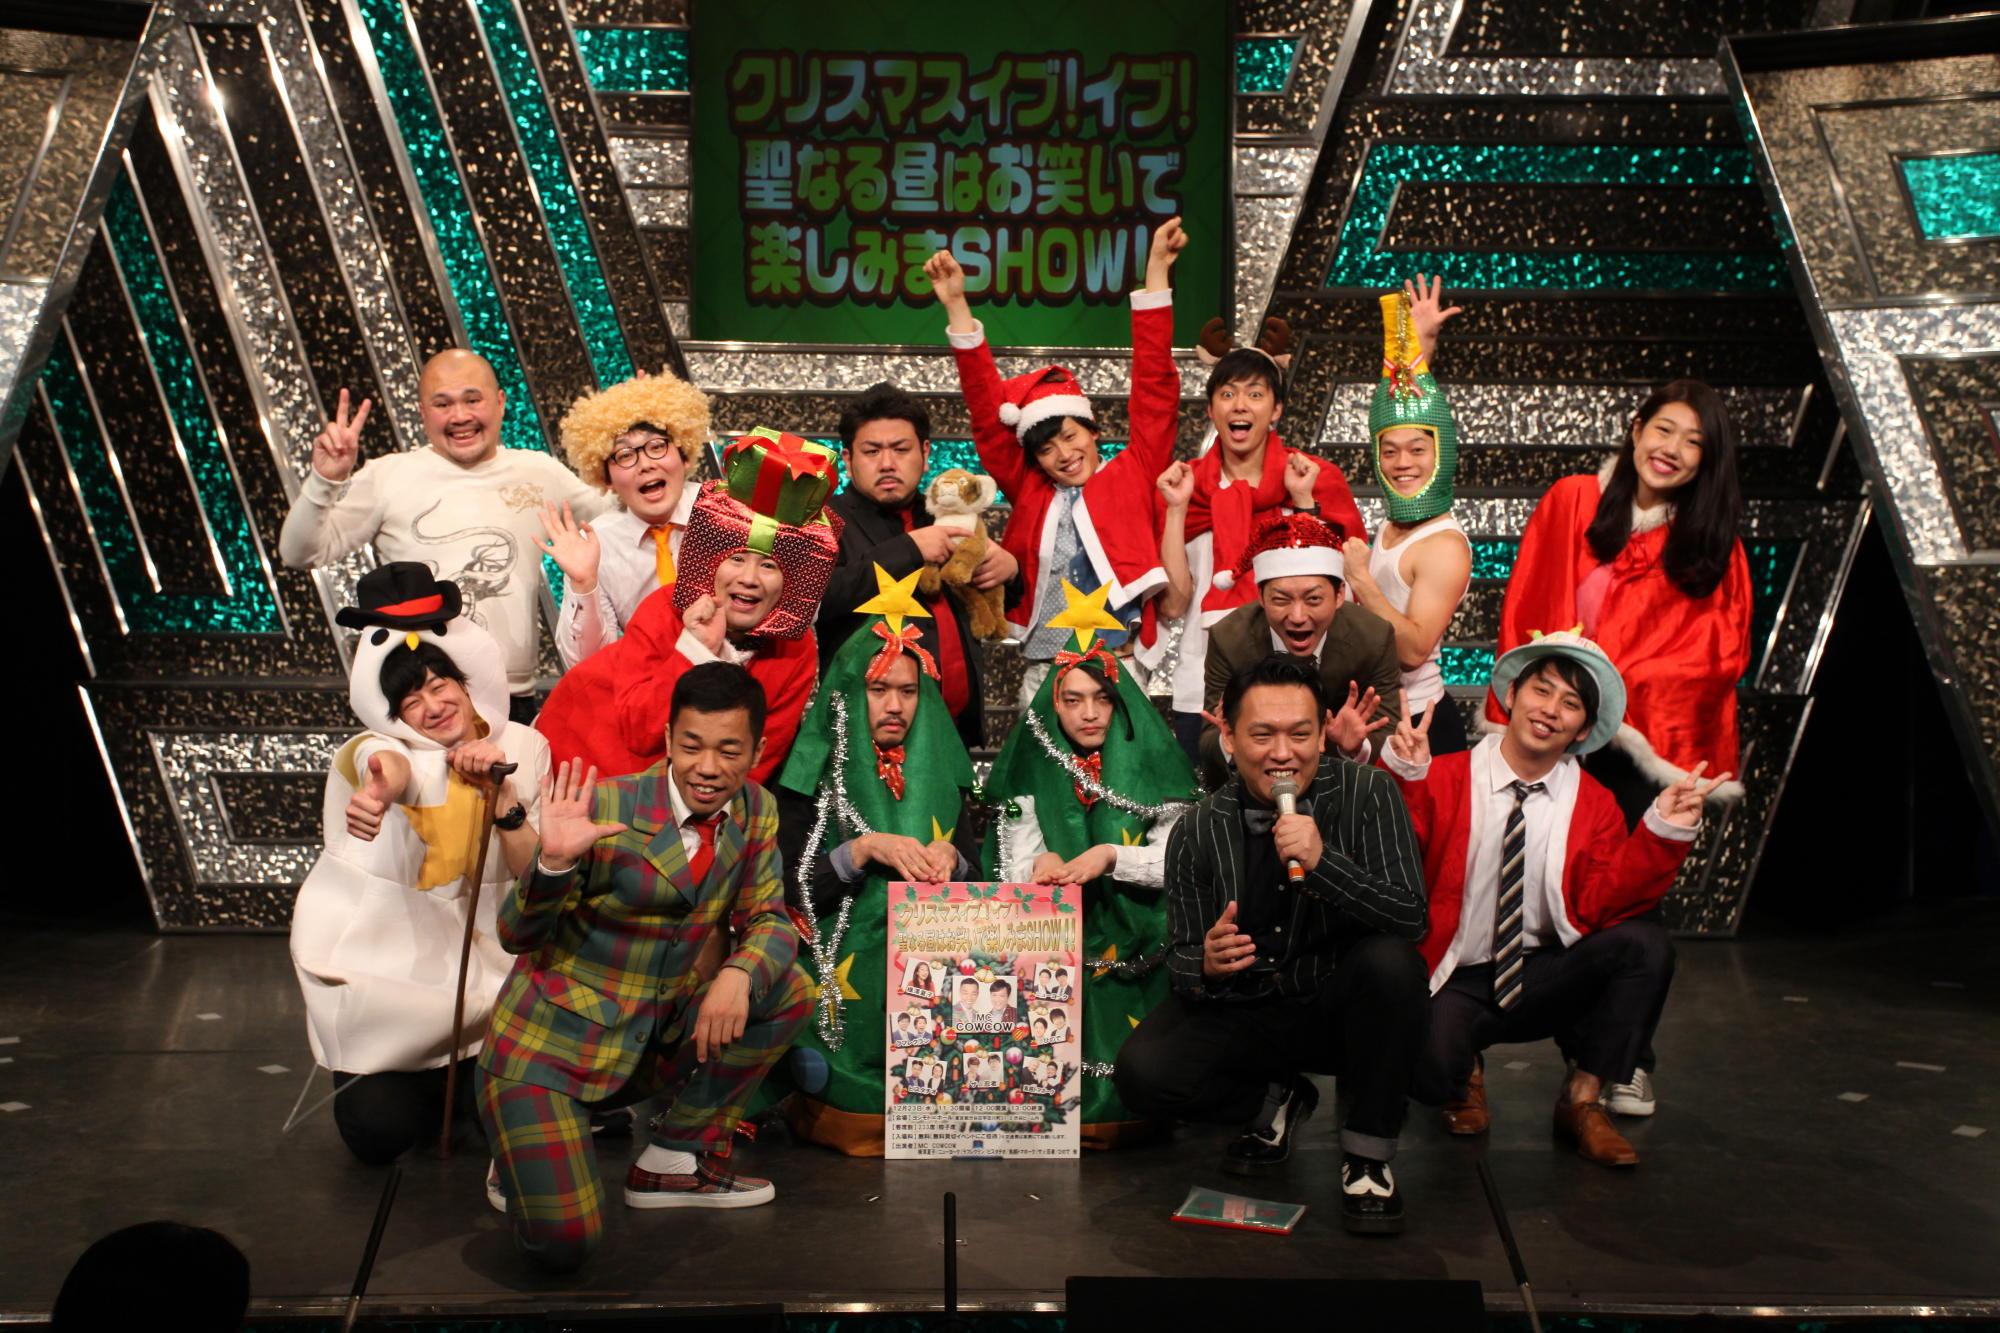 http://news.yoshimoto.co.jp/20151230120045-ced483aa0d689788f571bd16e63d331276a8c0f3.jpg